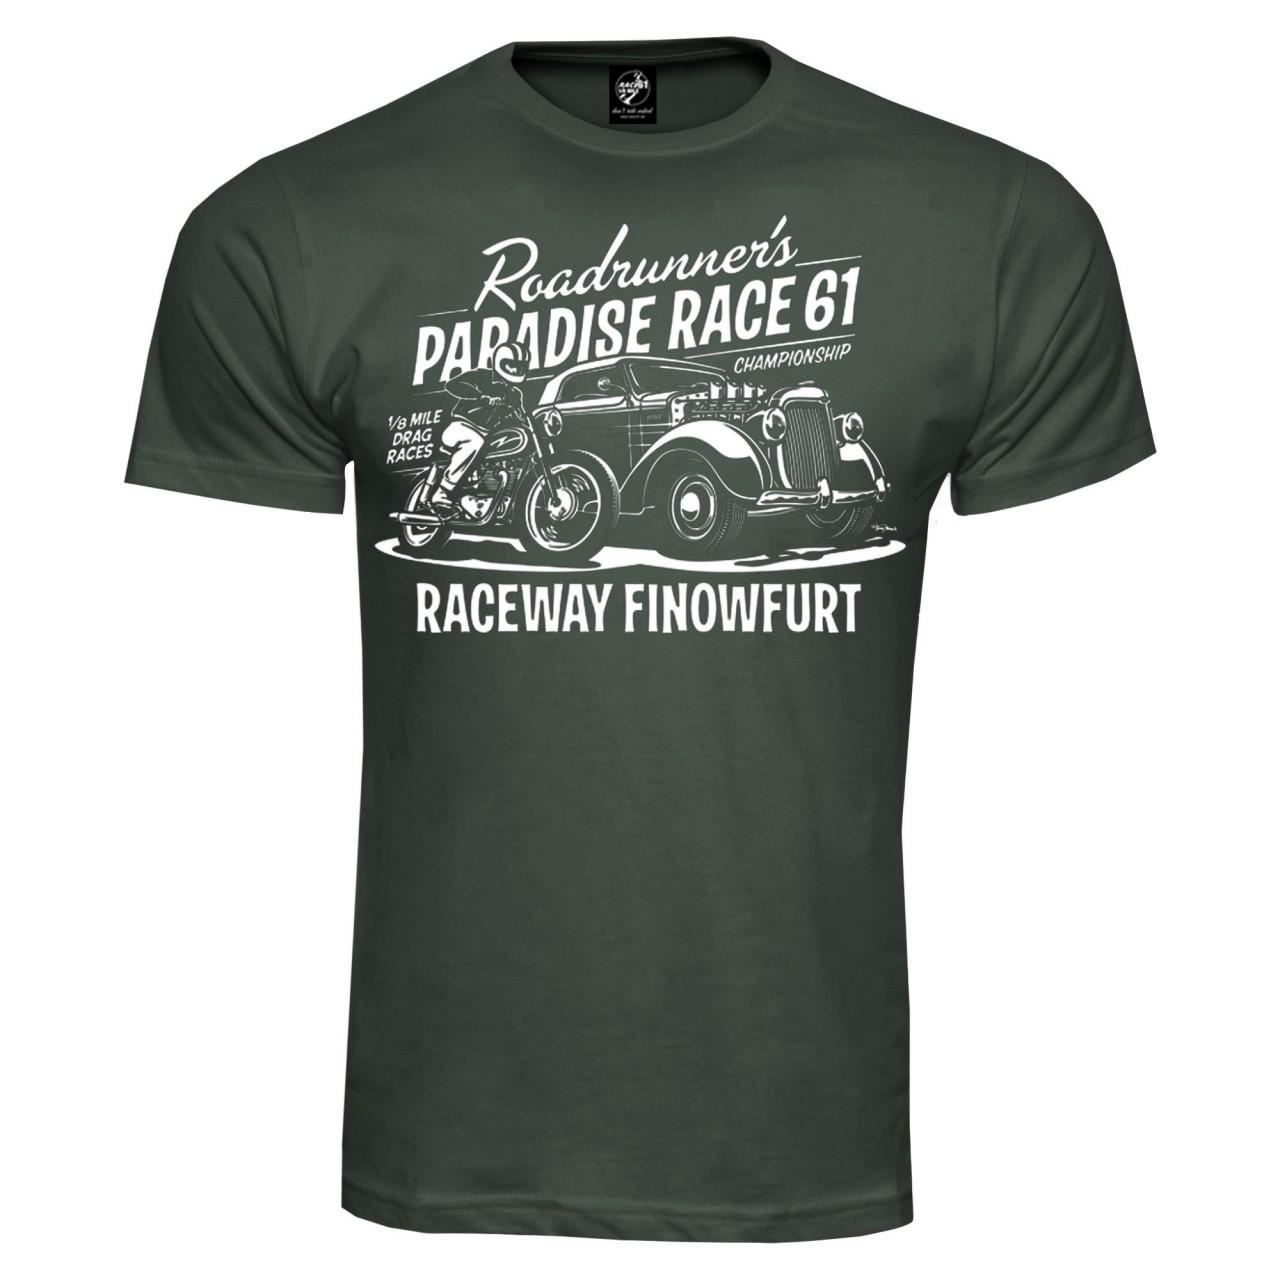 Race 61 T-Shirt 1/8 Mile Drag Races Championship Khaki